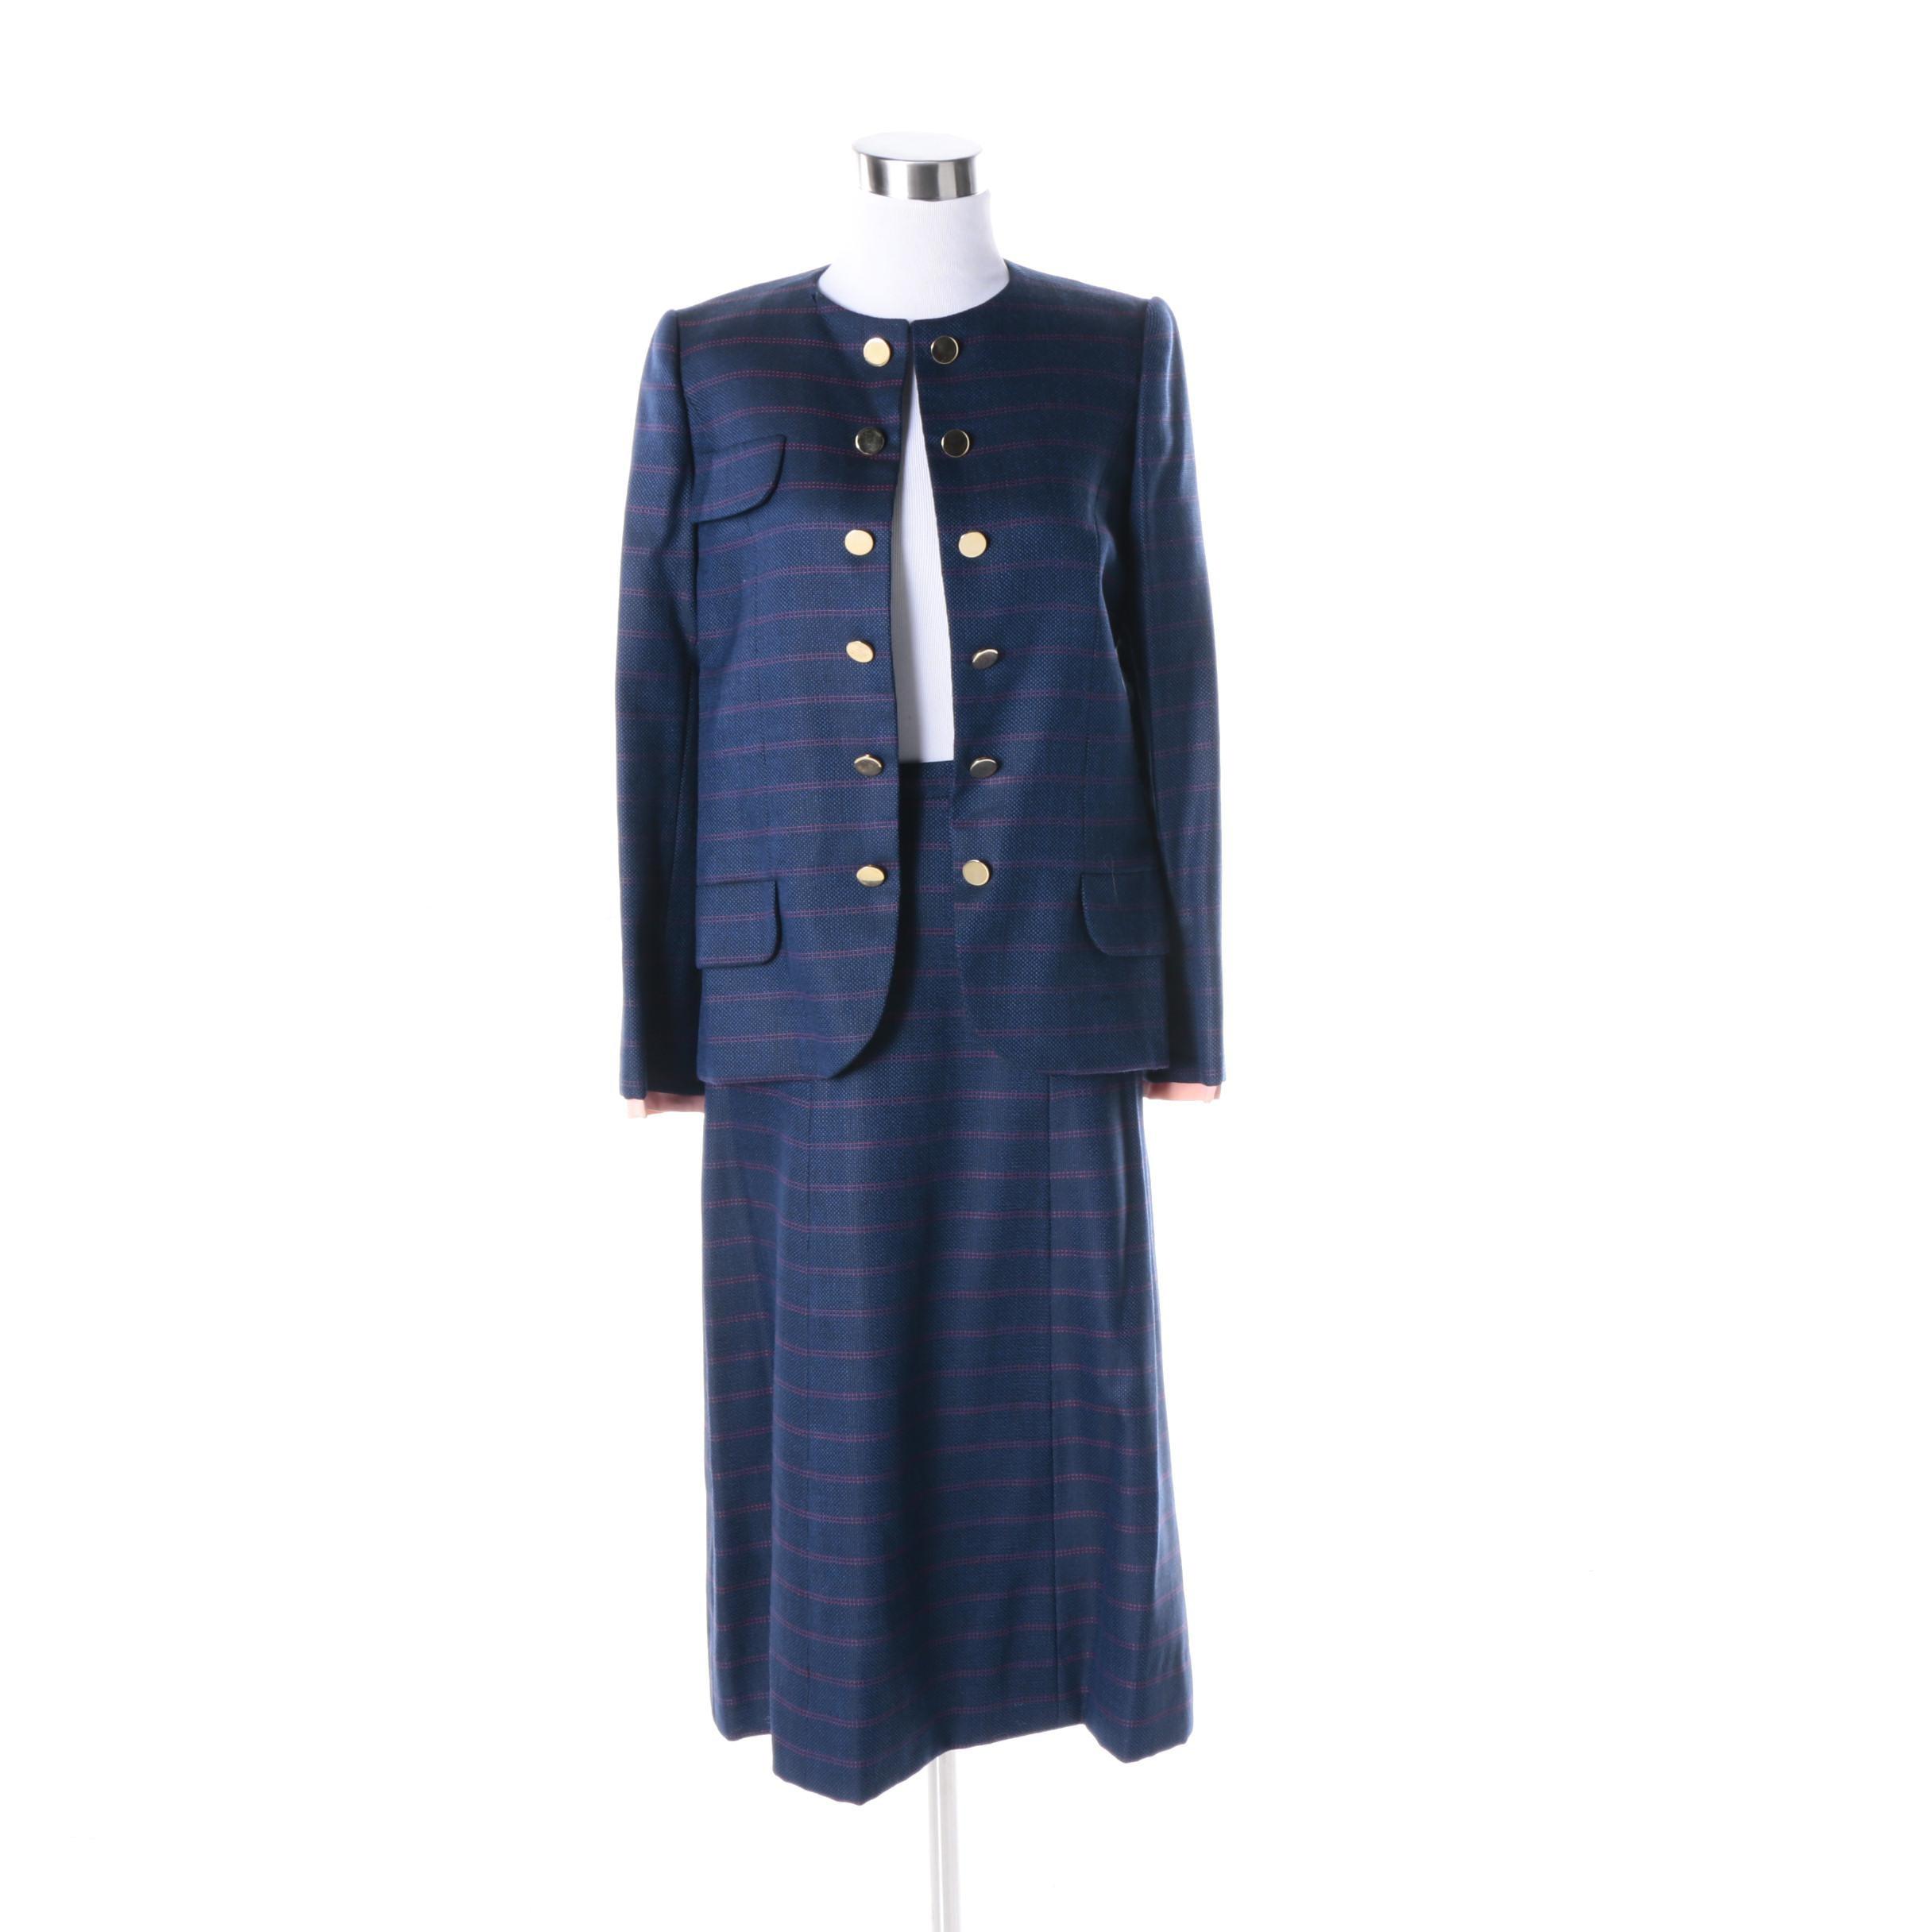 Women's Vintage Cardinali Blue Tweed Skirt Suit